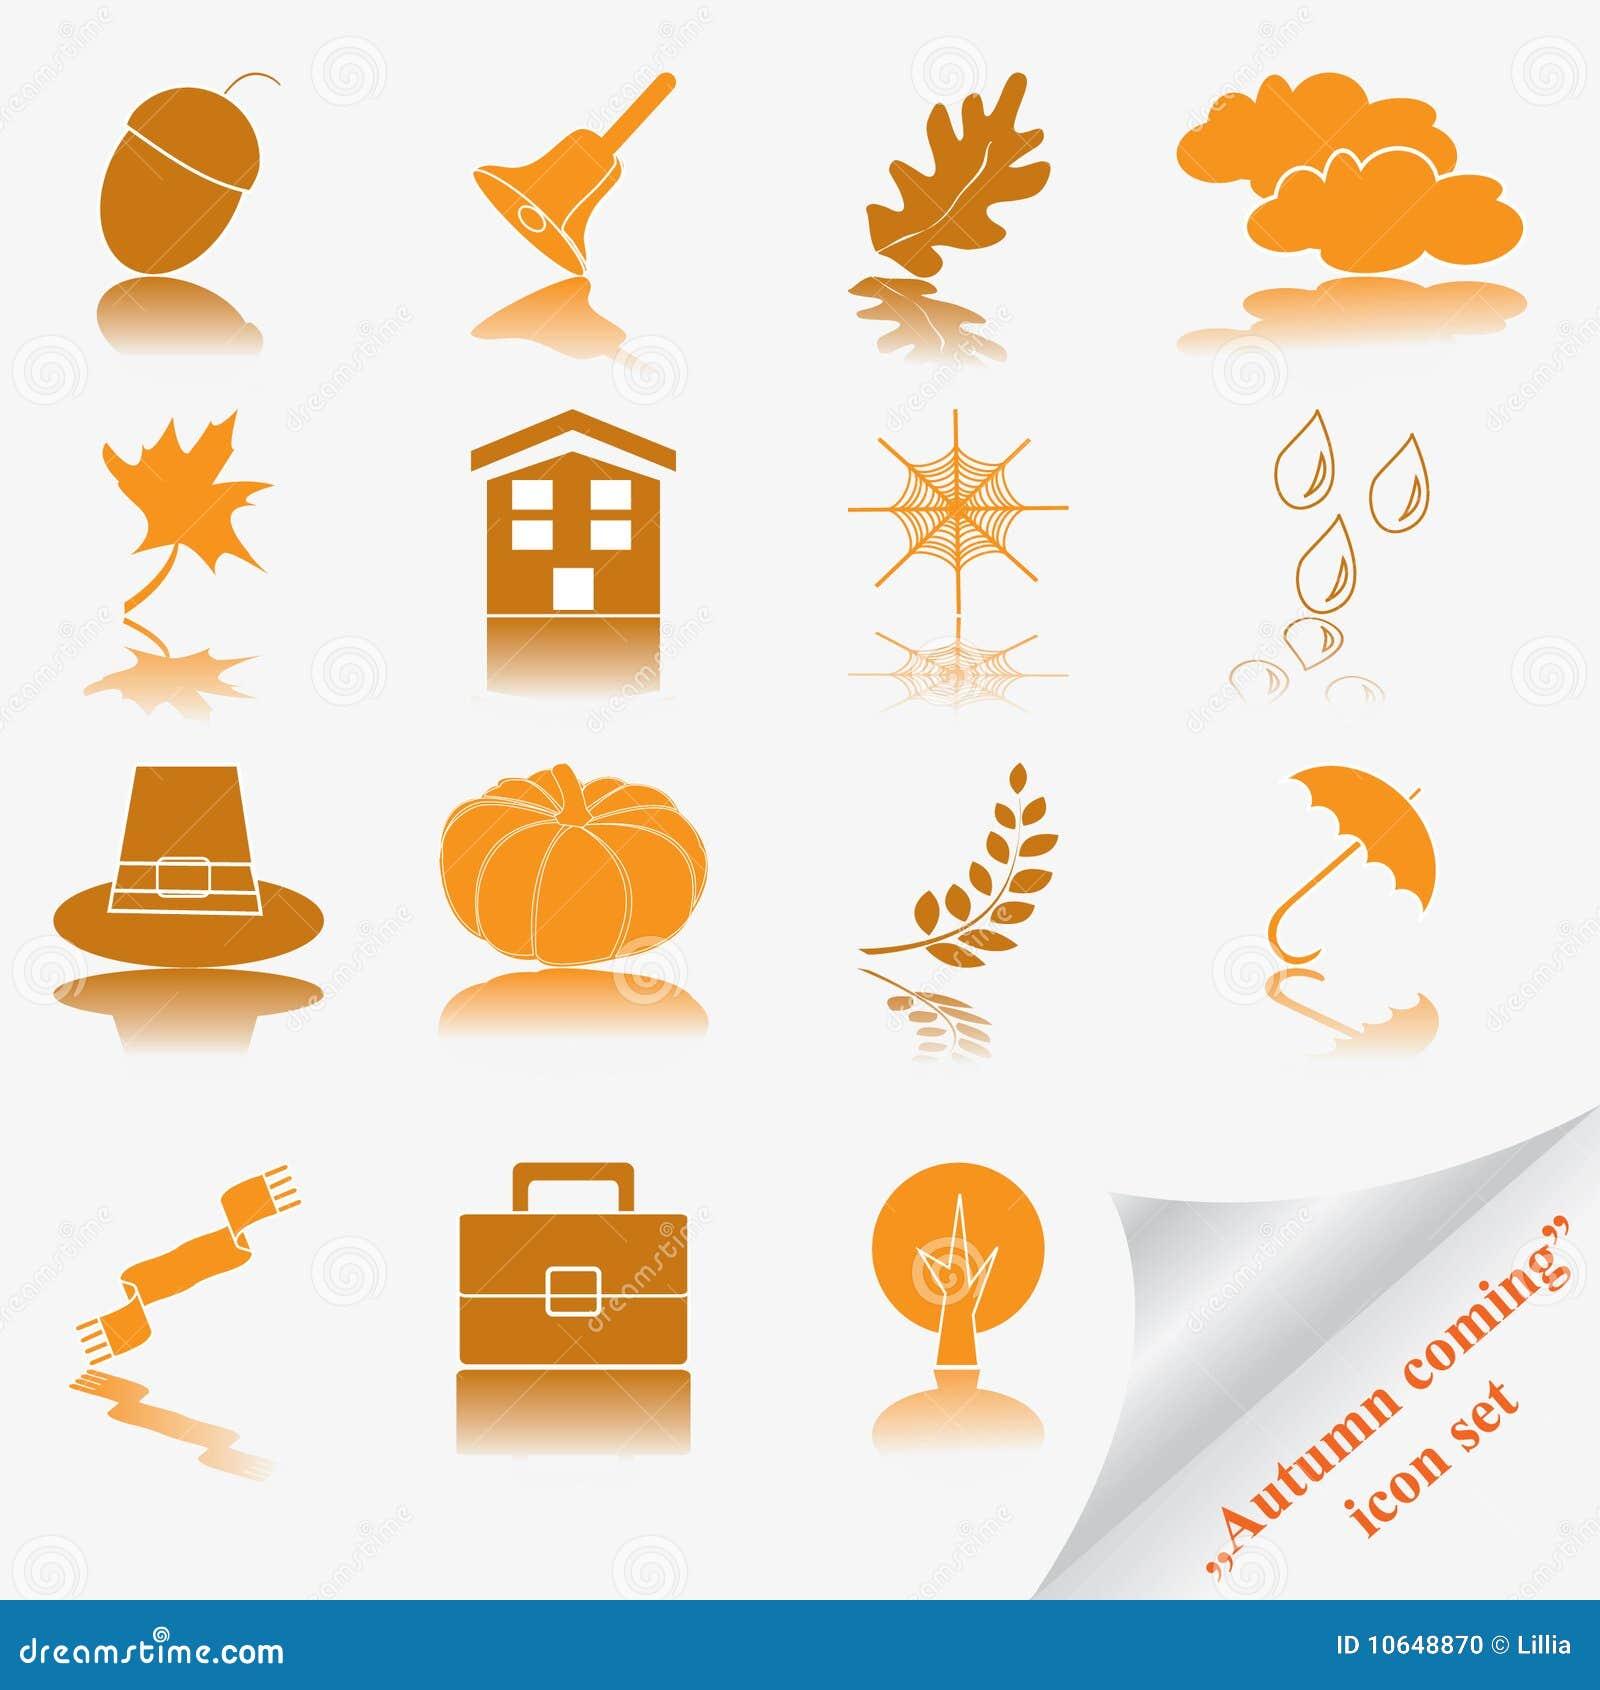 Autumn coming soon icon set